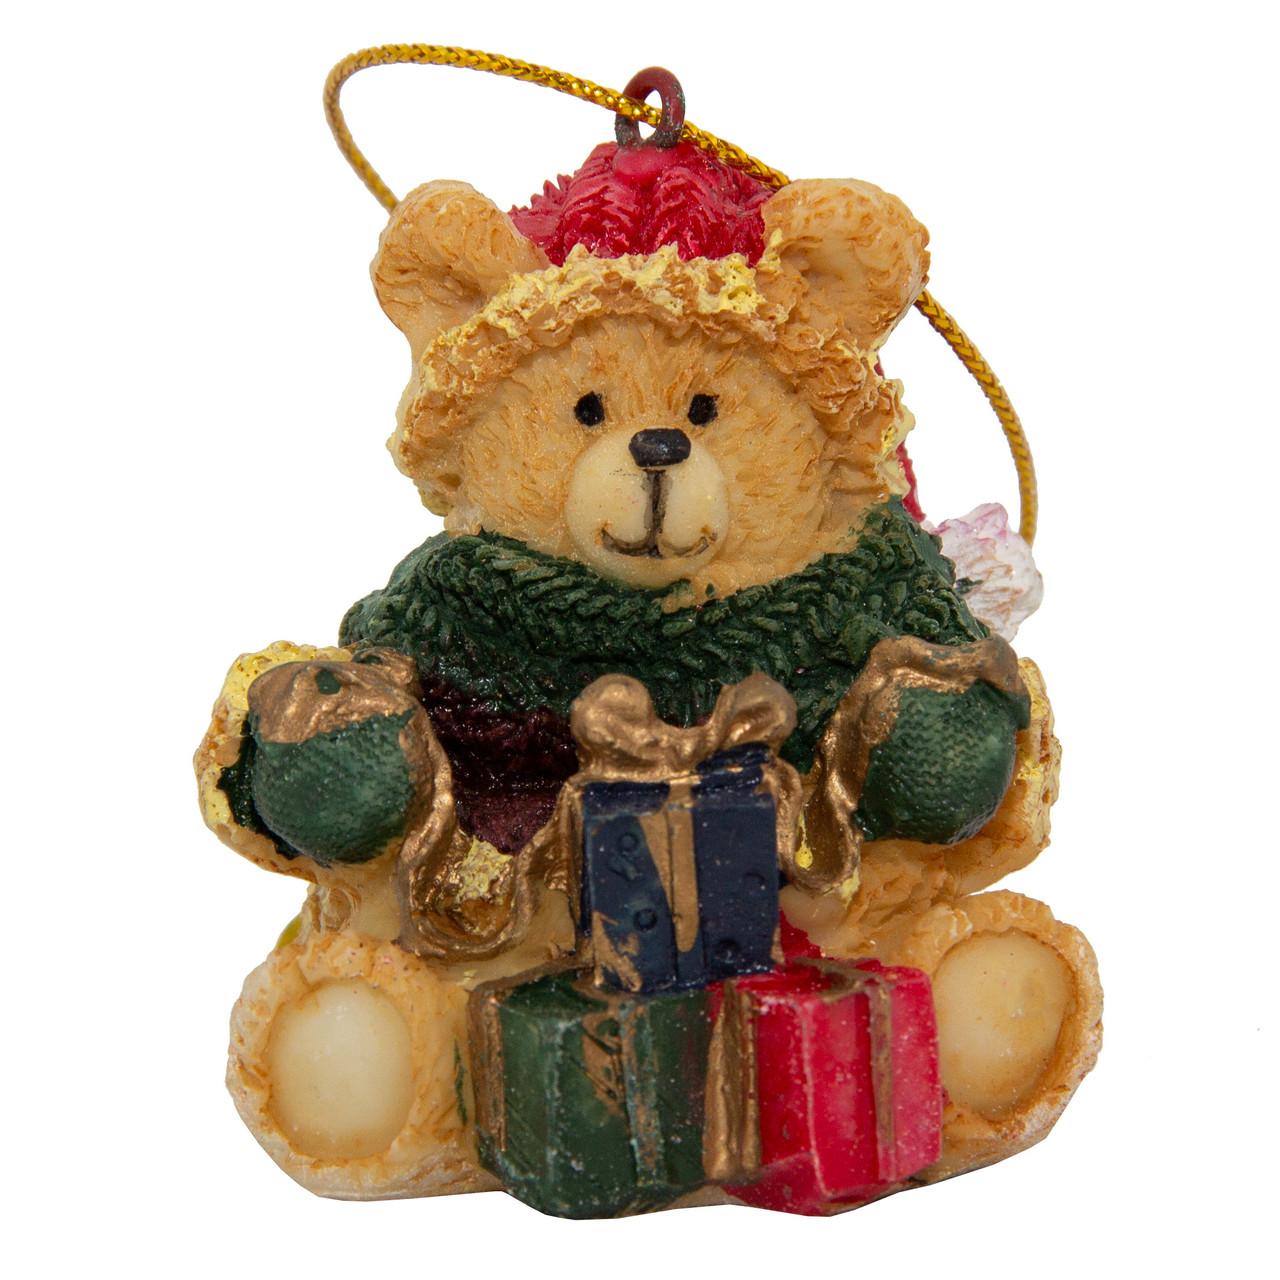 Новогодняя игрушка -фигурка медведь с подарком, 6 см, рыжий, полистоун (000012-22)